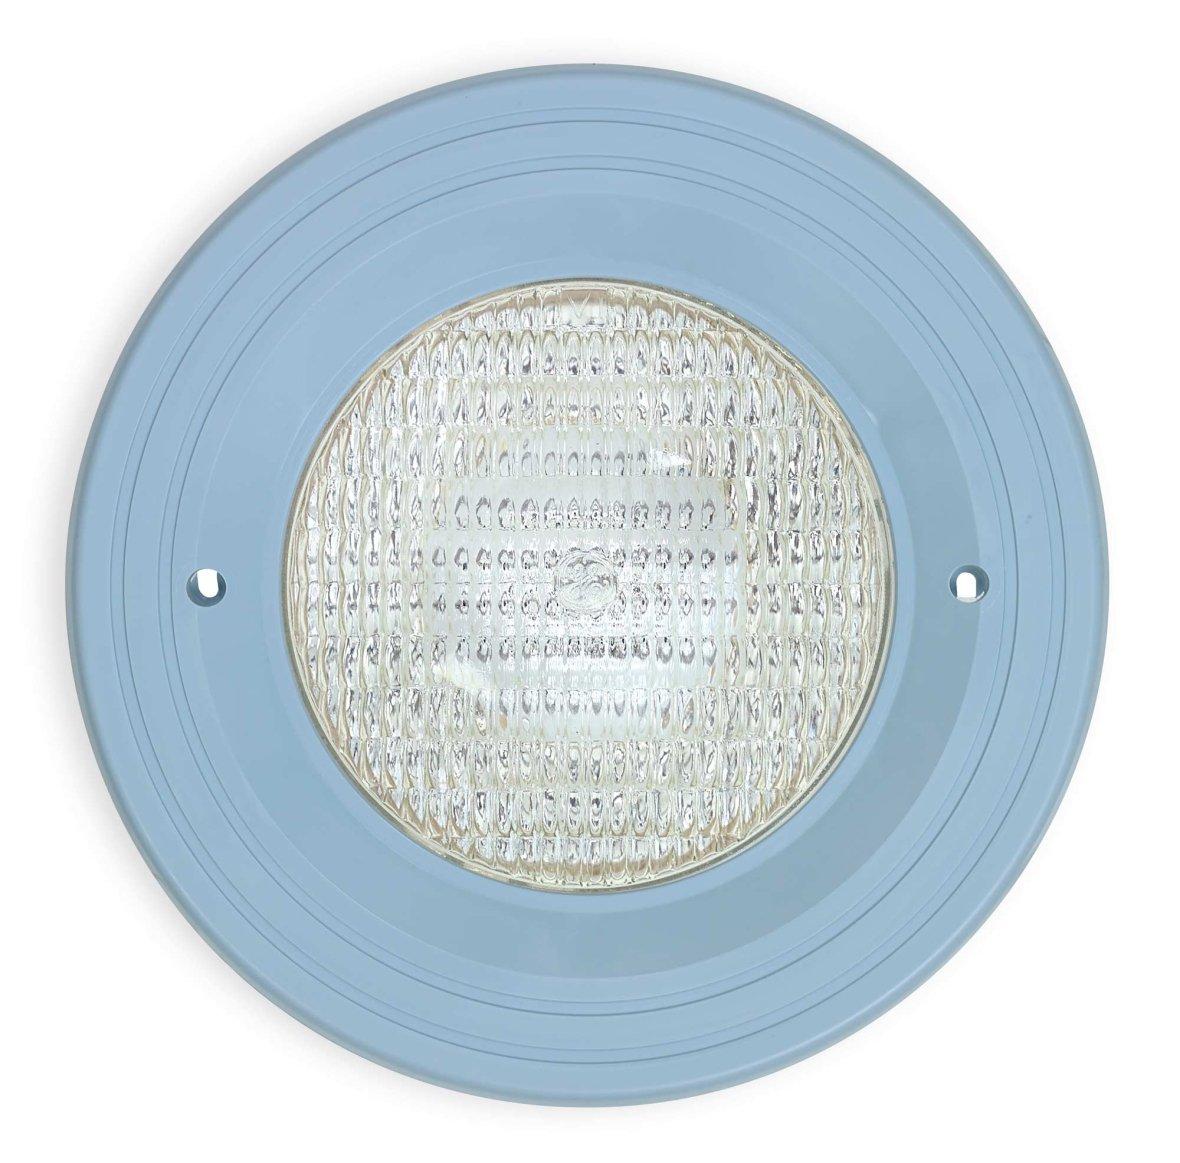 Éclairage halogène submersible bleu clair